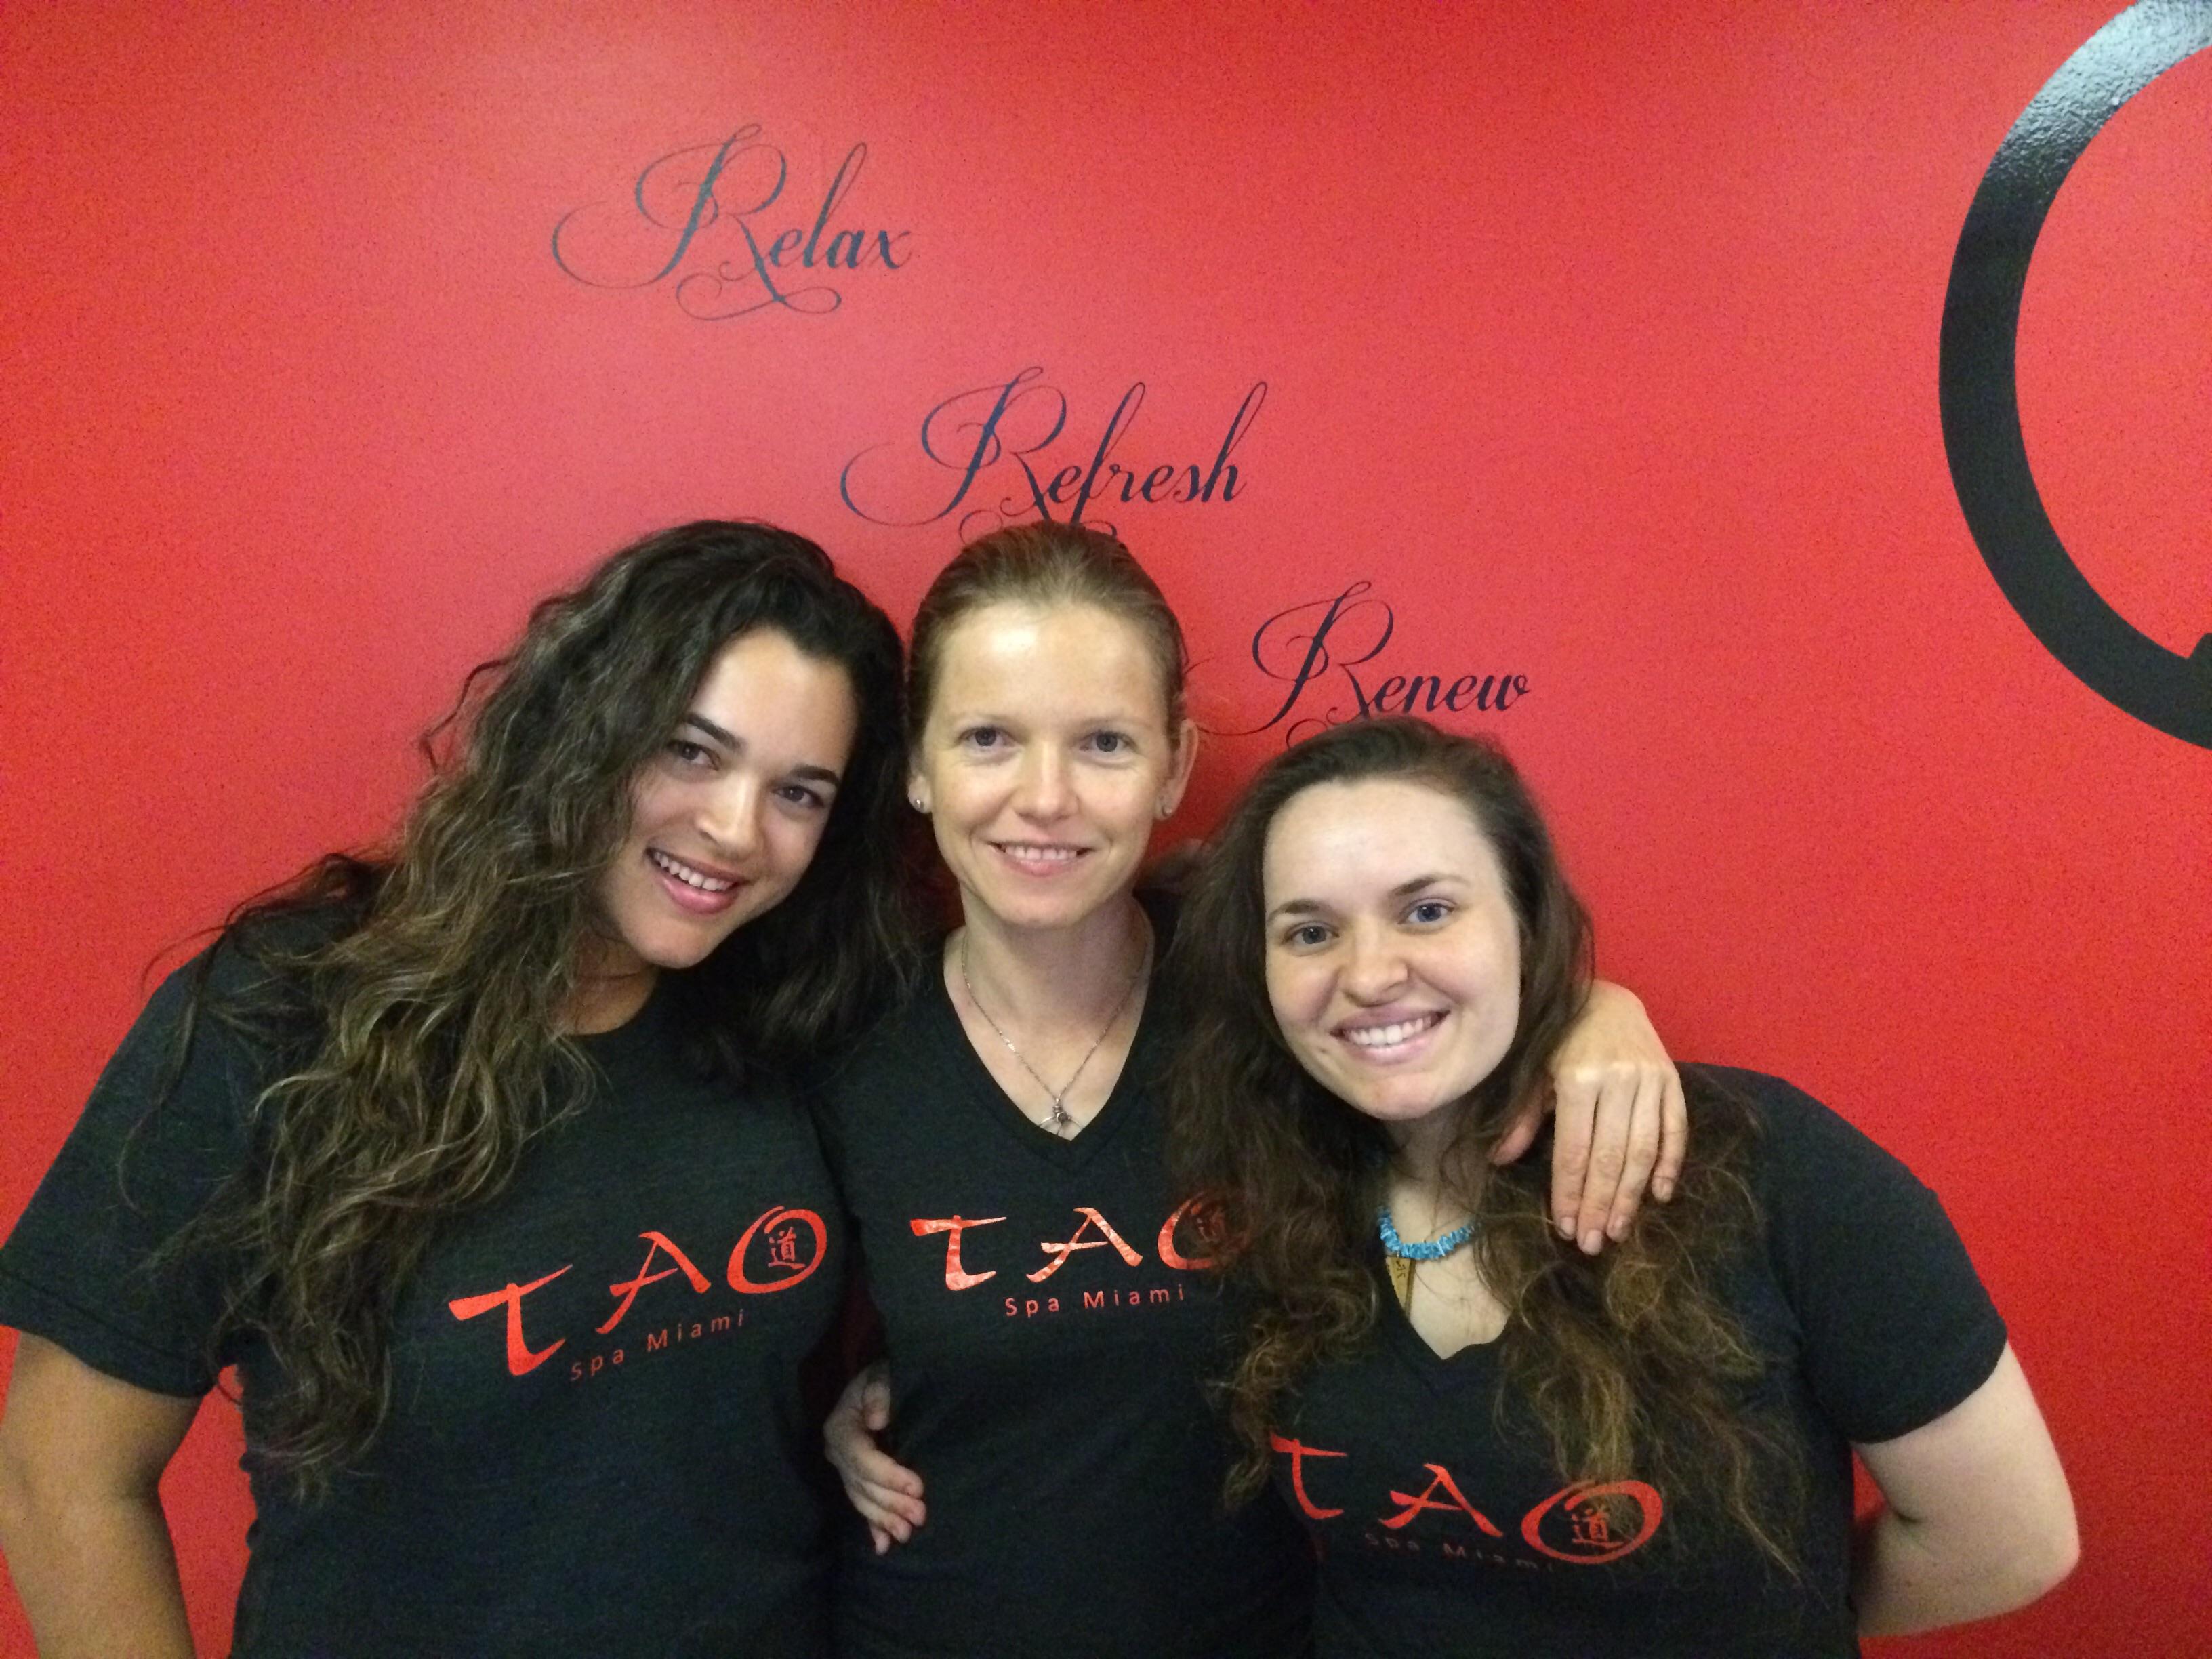 Design your own t-shirt miami - Tao Spa Miami T Shirt Photo